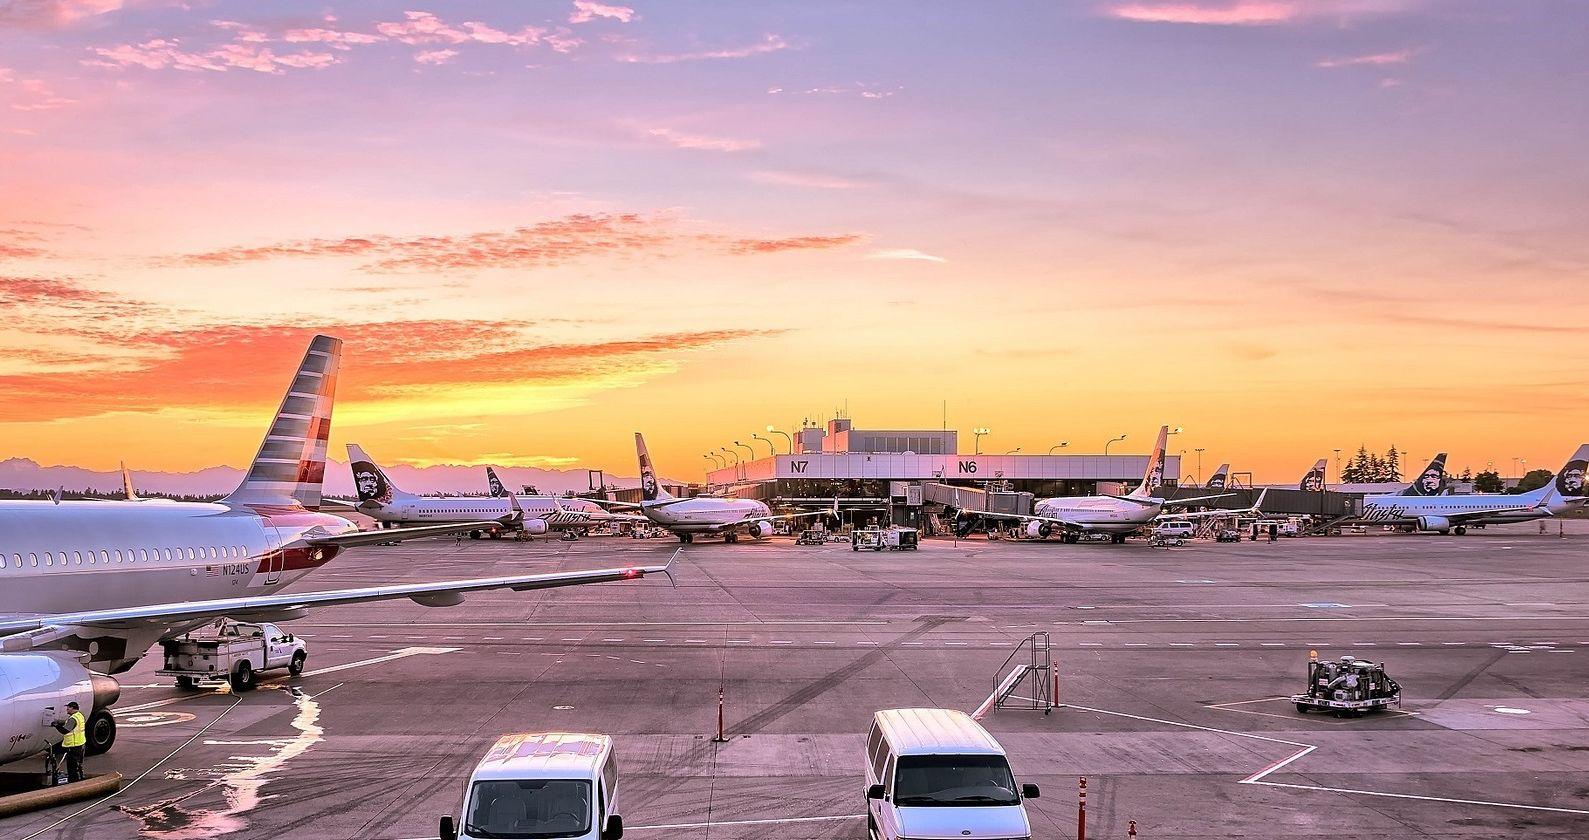 שהיית מטוסים בשדה תעופה גדול